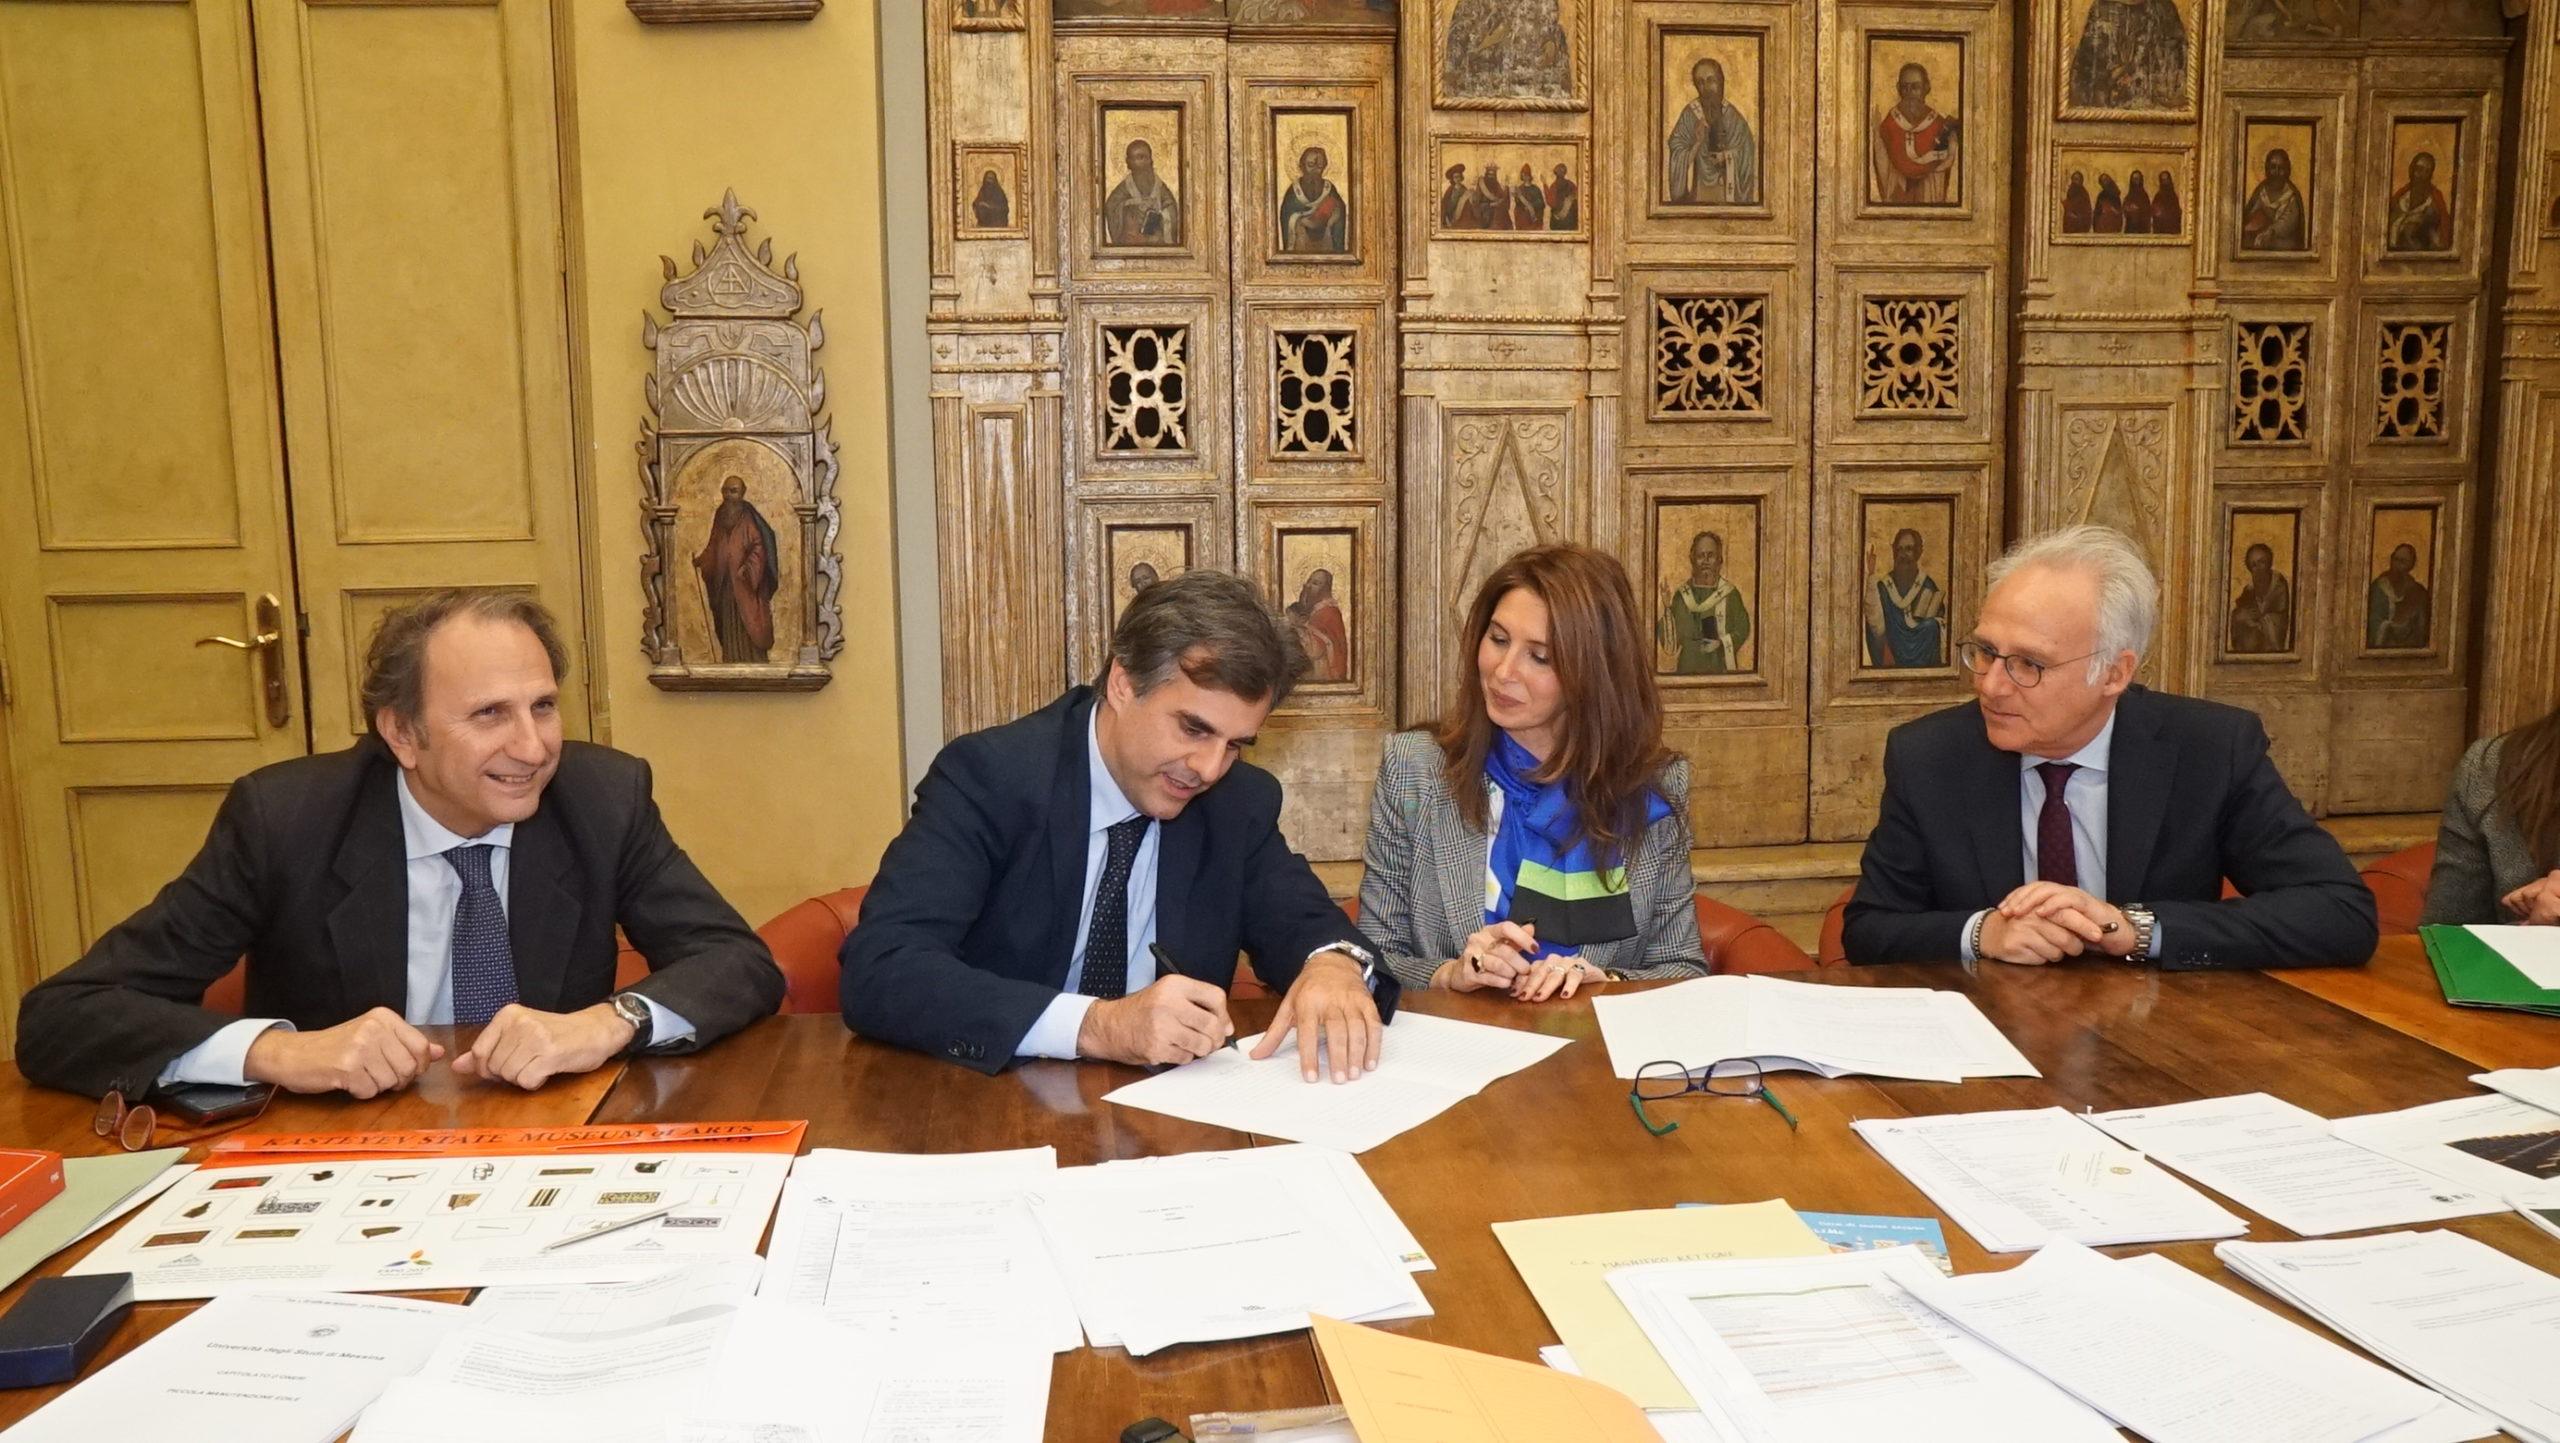 L'Università compra il Palazzo della Banca d'Italia